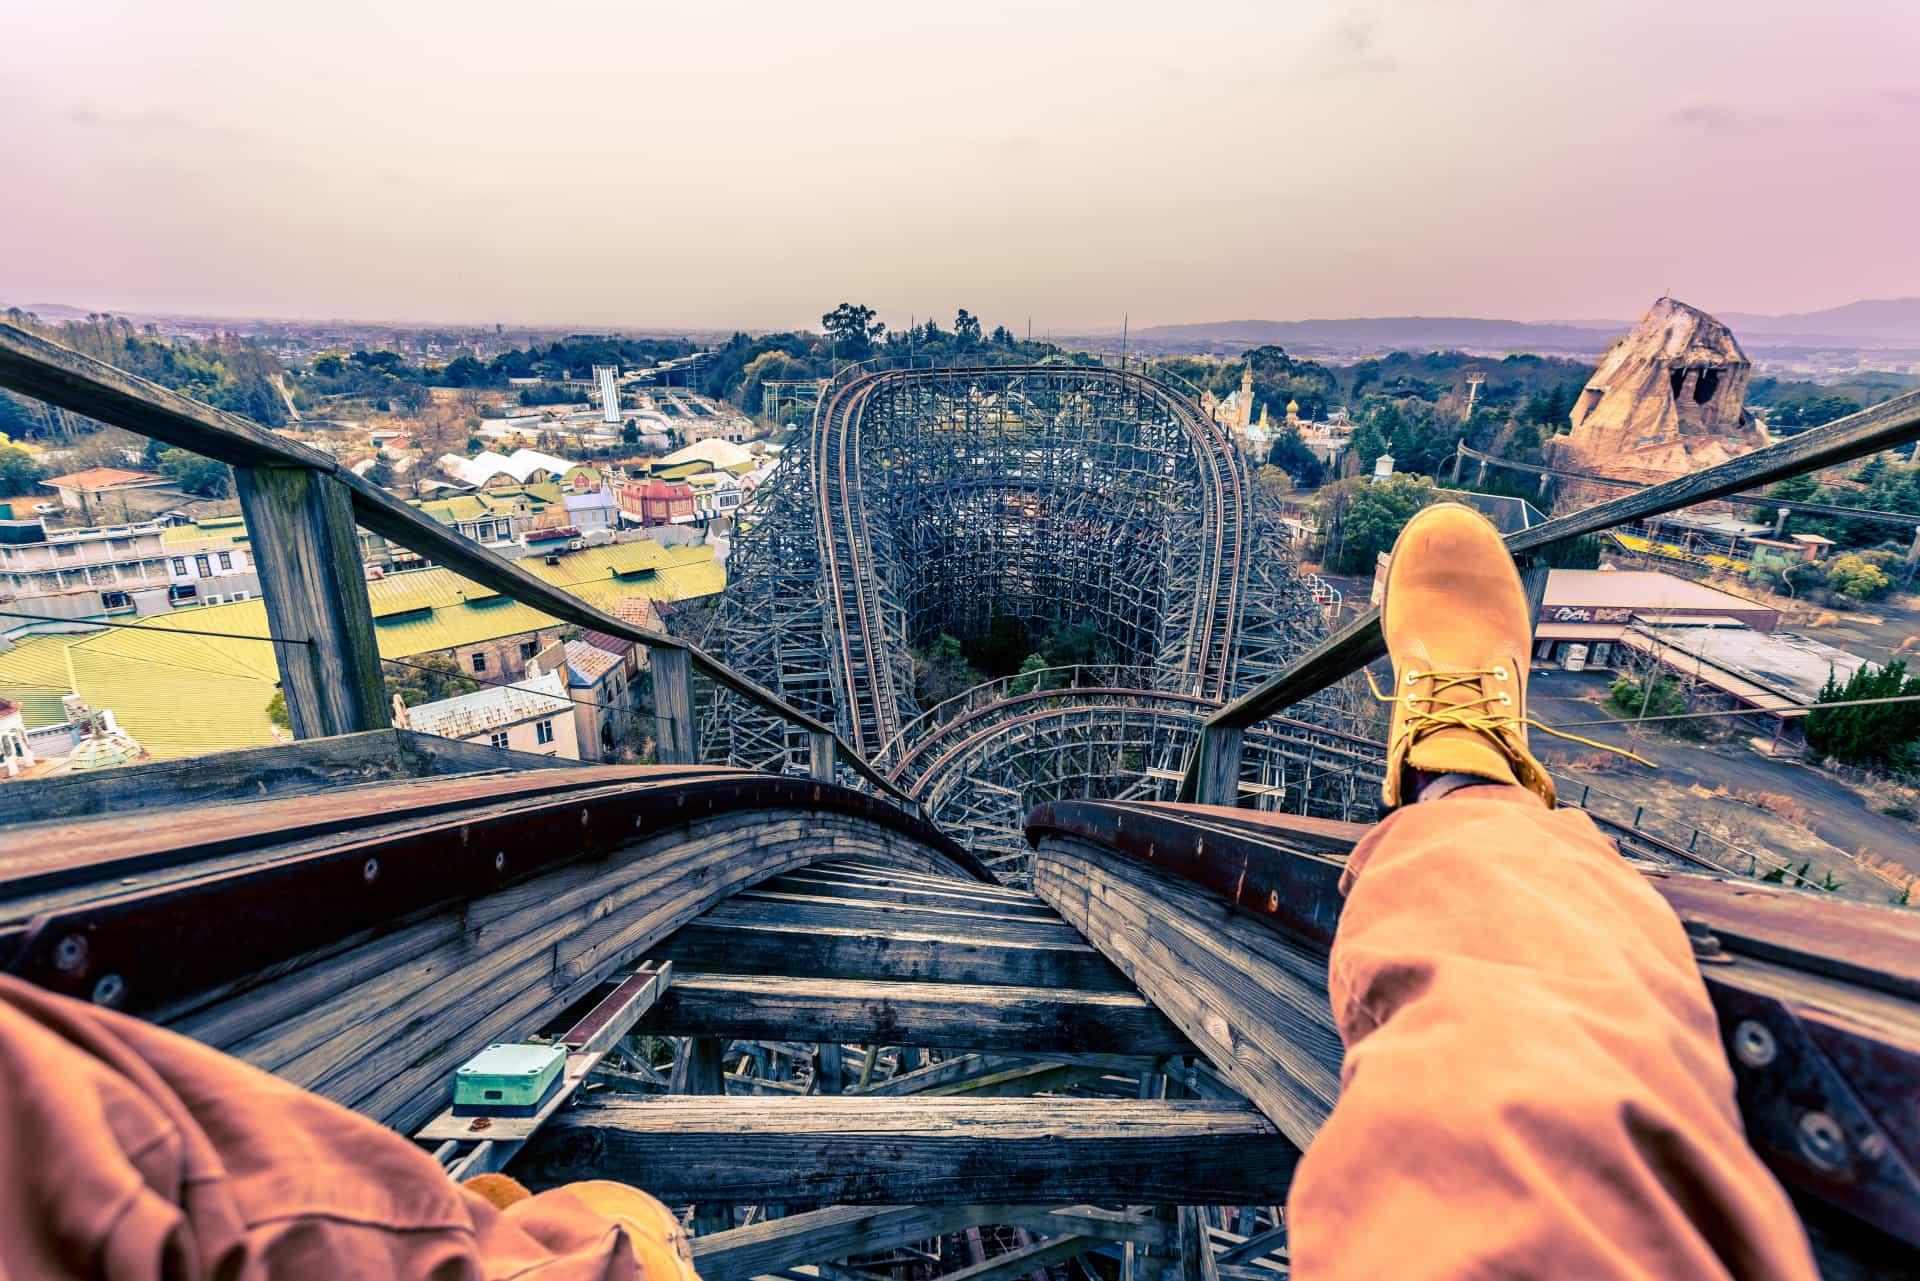 progettista-meccanico-lavoro-più-bello-rollercoaster